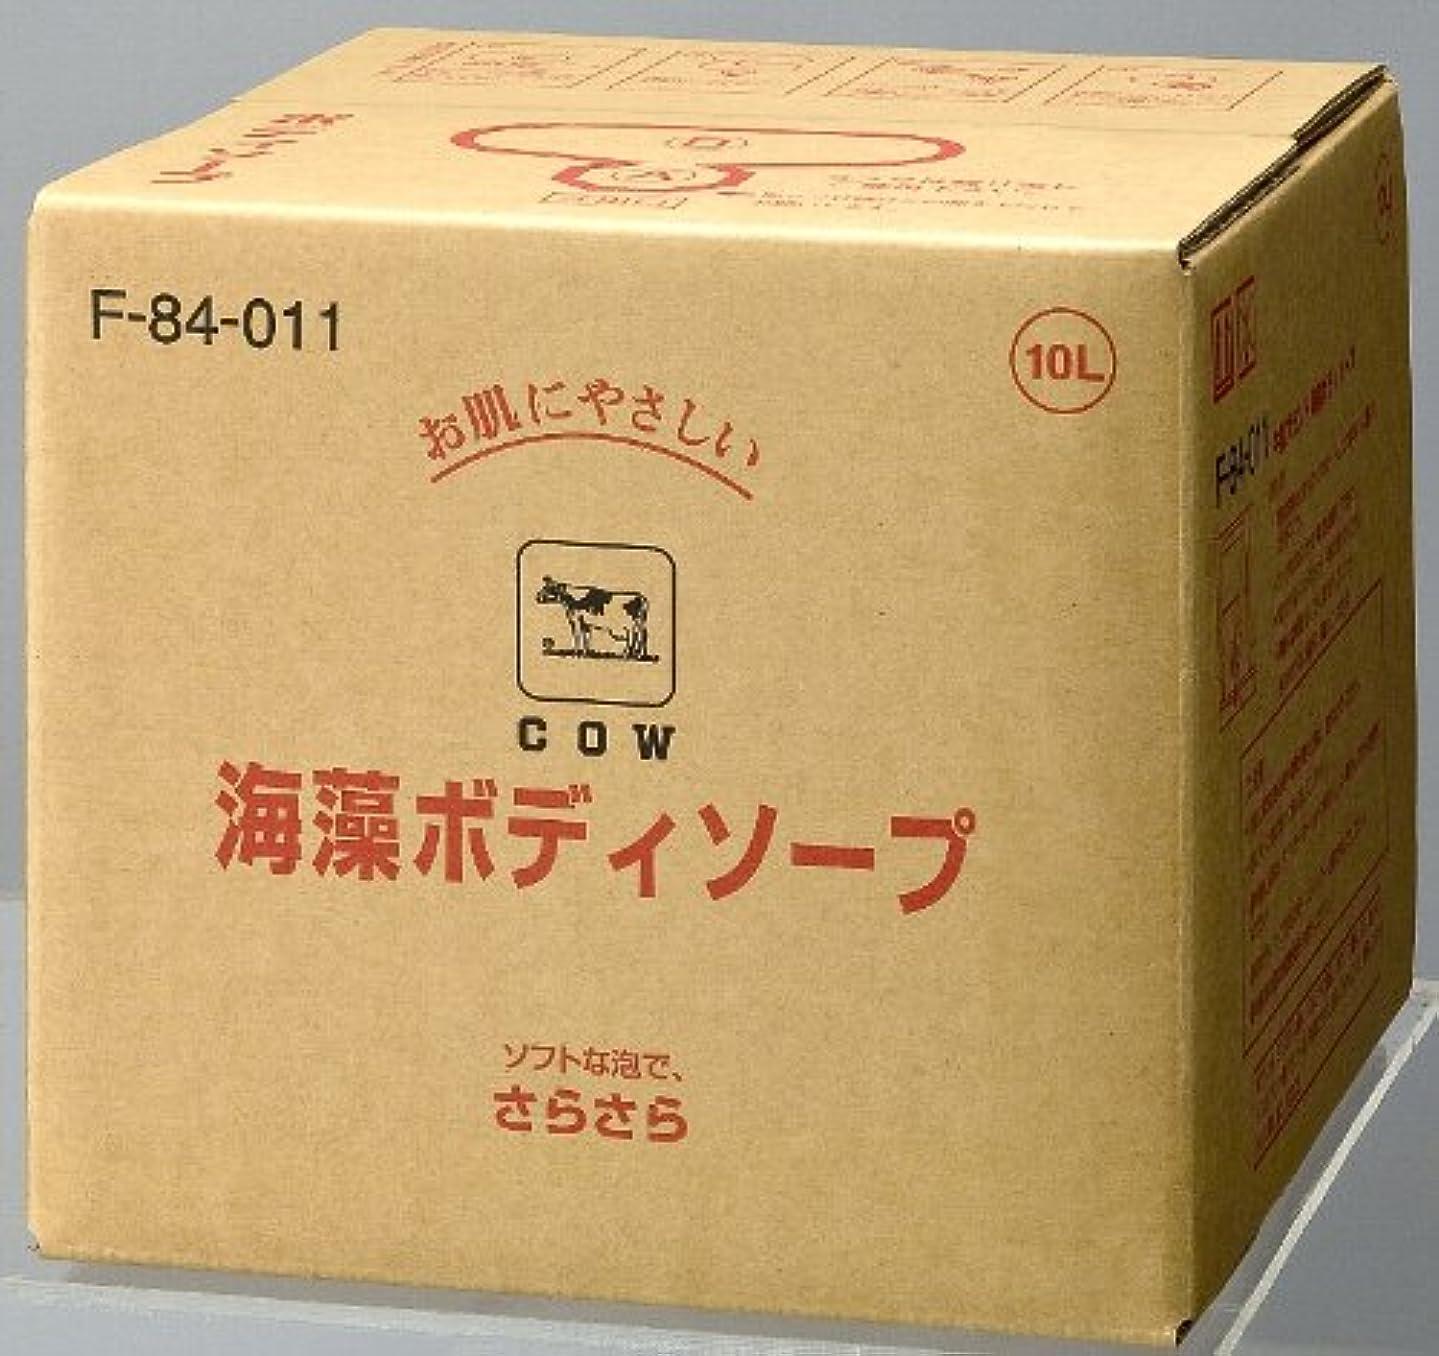 ギャングアラーム飲食店【業務用】カウブランド海藻ボディソープ 10L